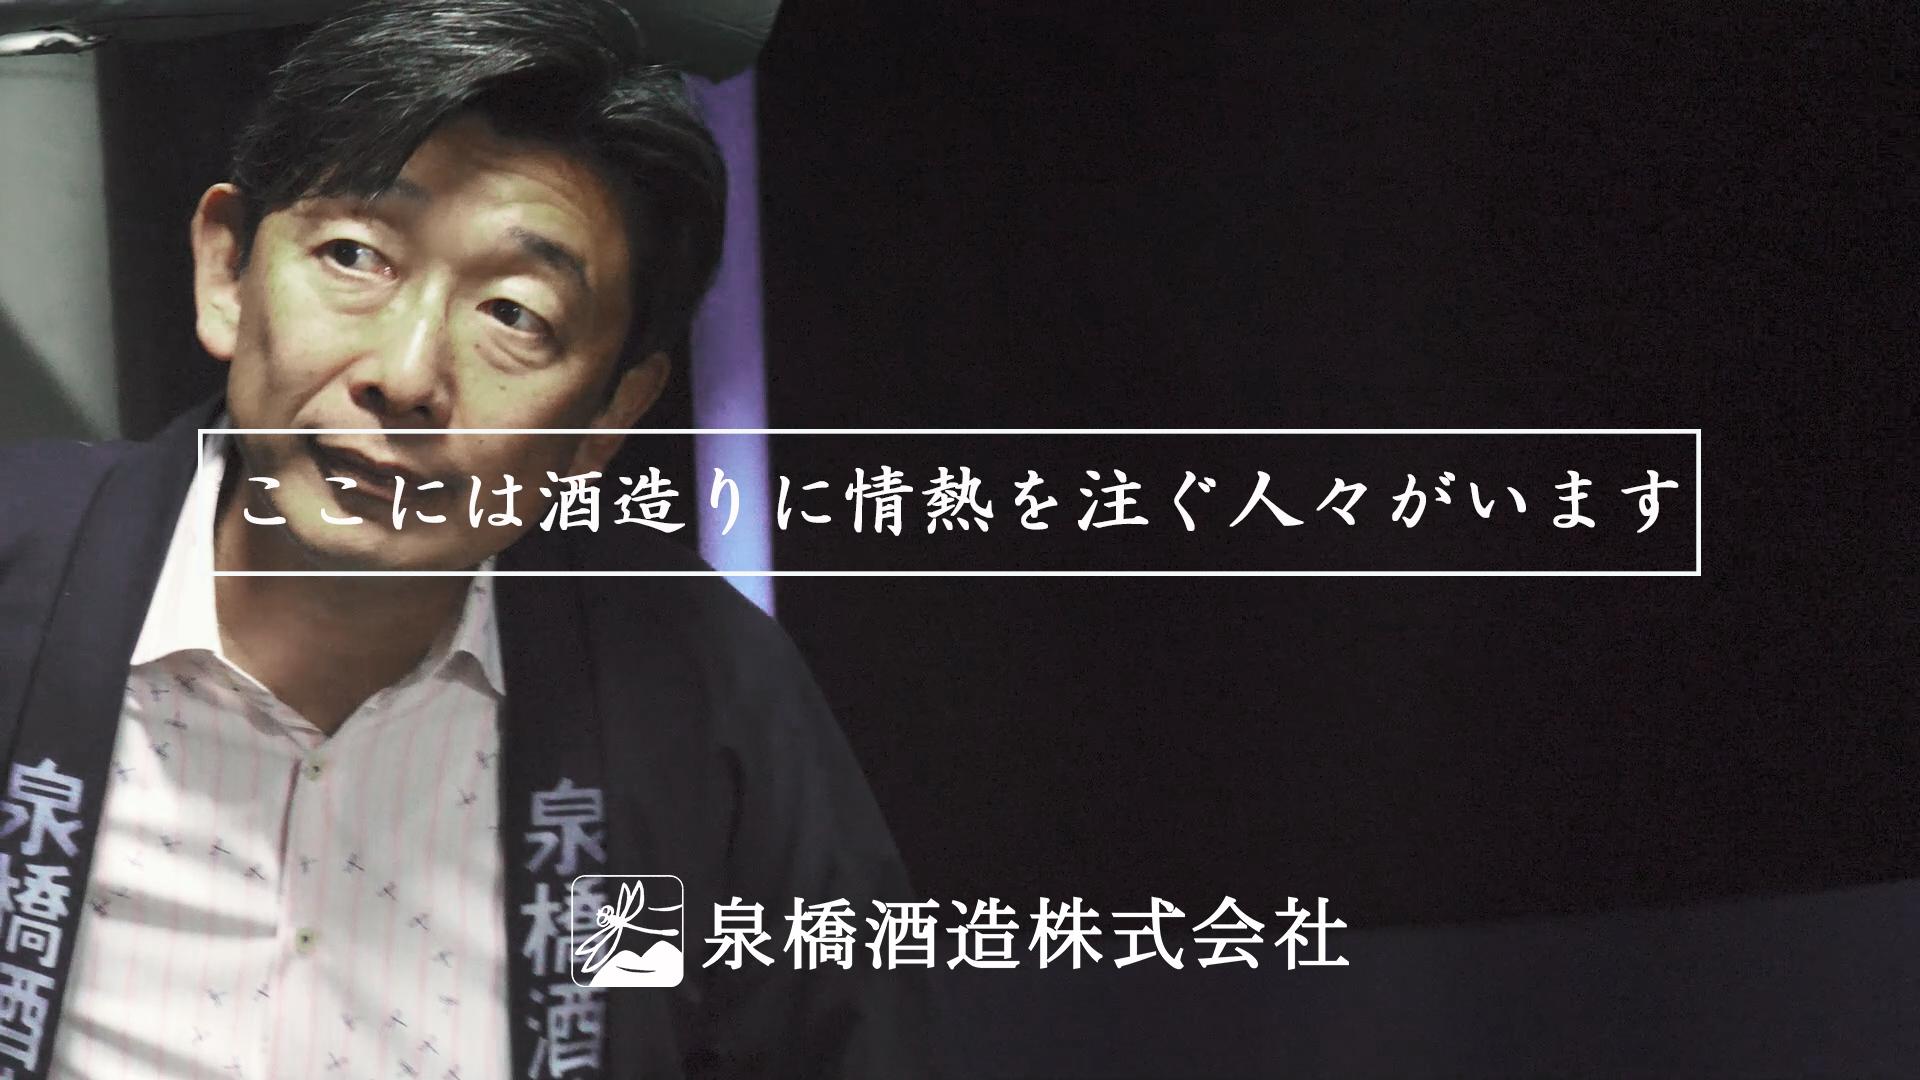 泉橋酒造 動画CM